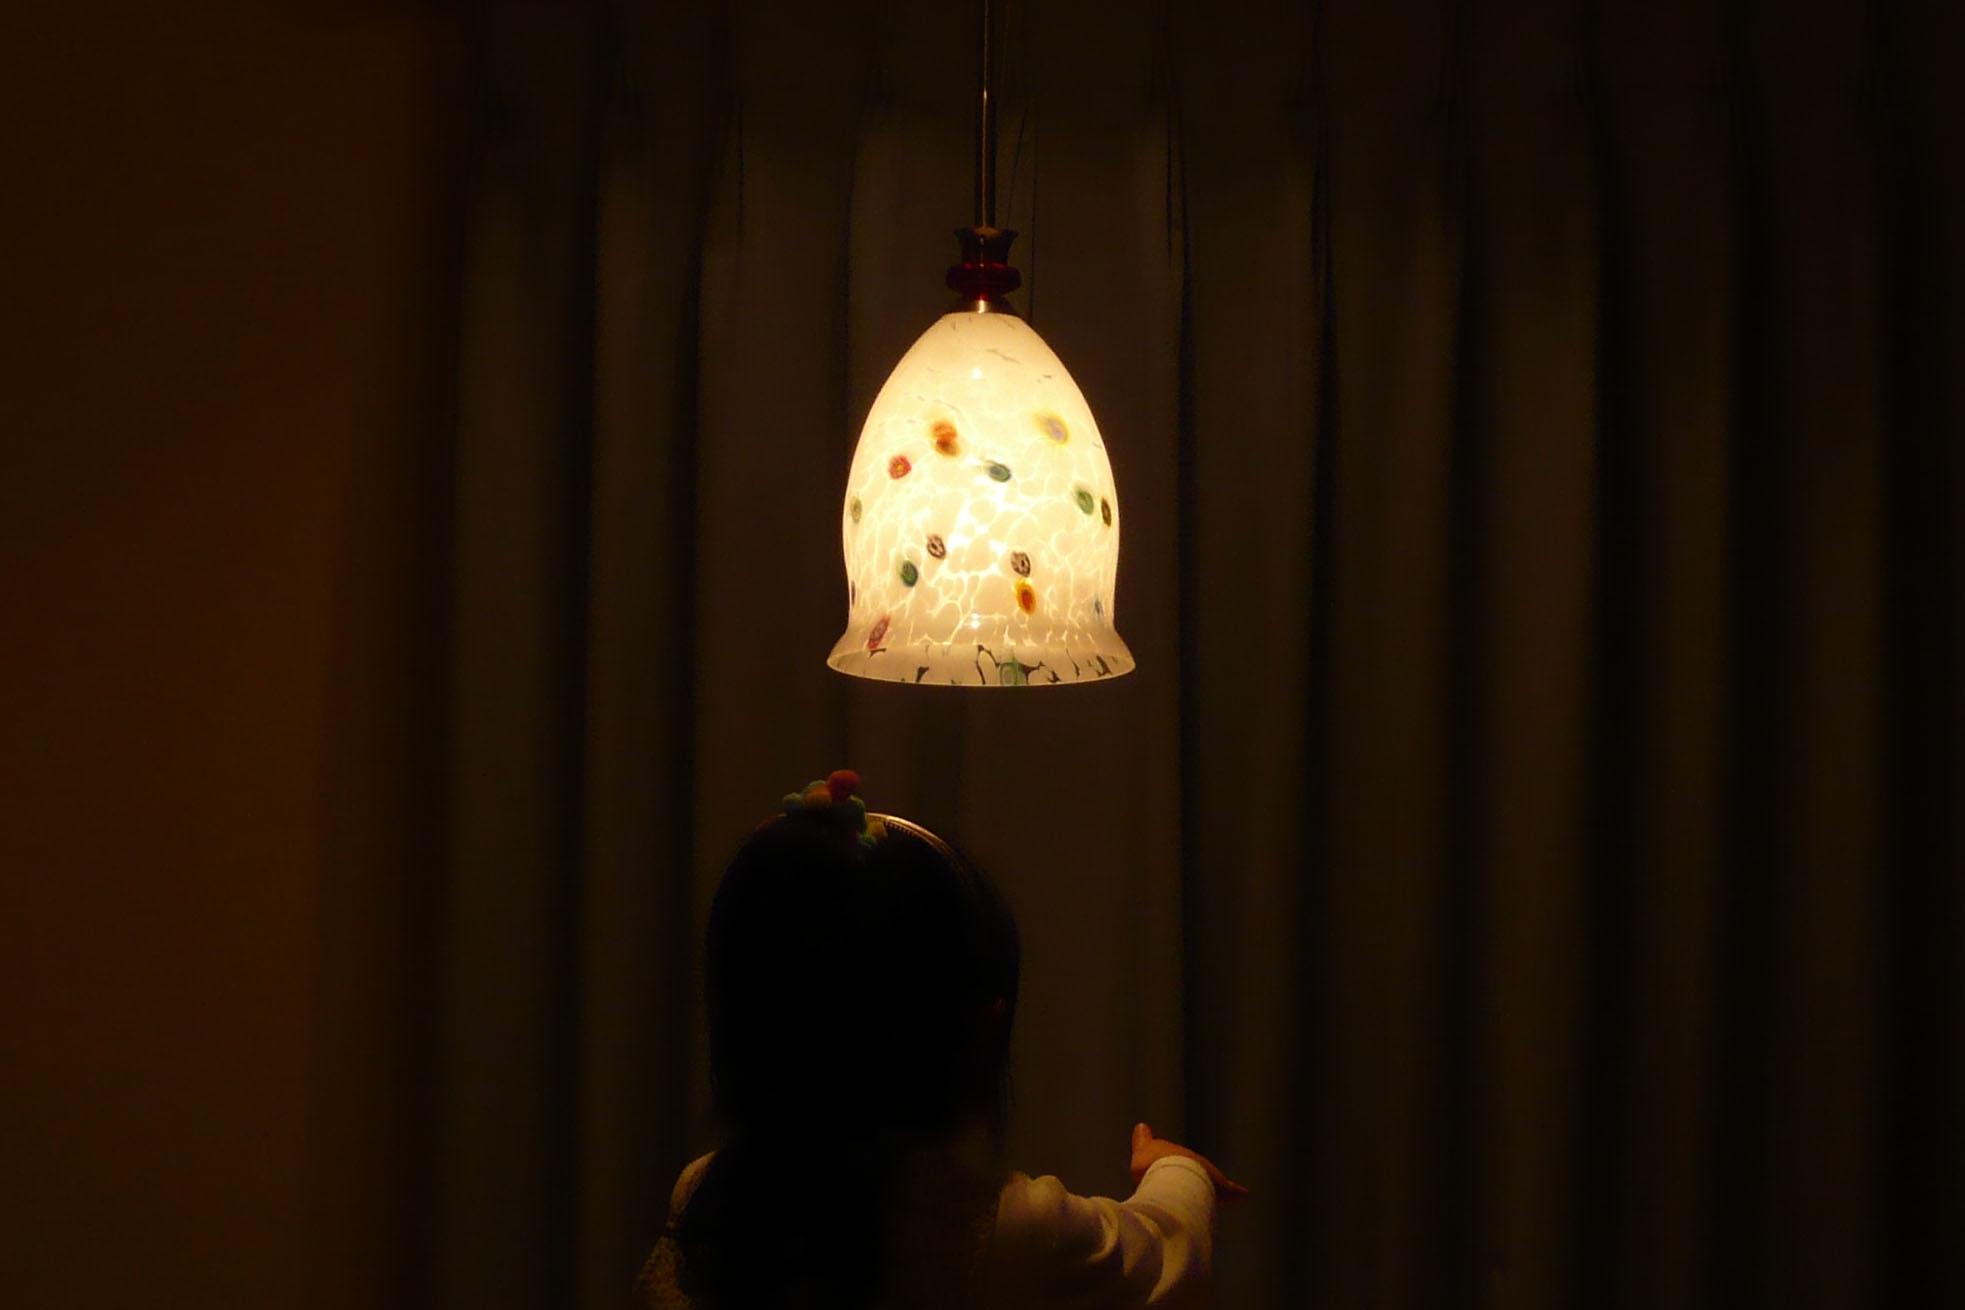 「照明」「灯り」「明り」「光」のチカラ。照明計画が暮らしの価値を上げる!